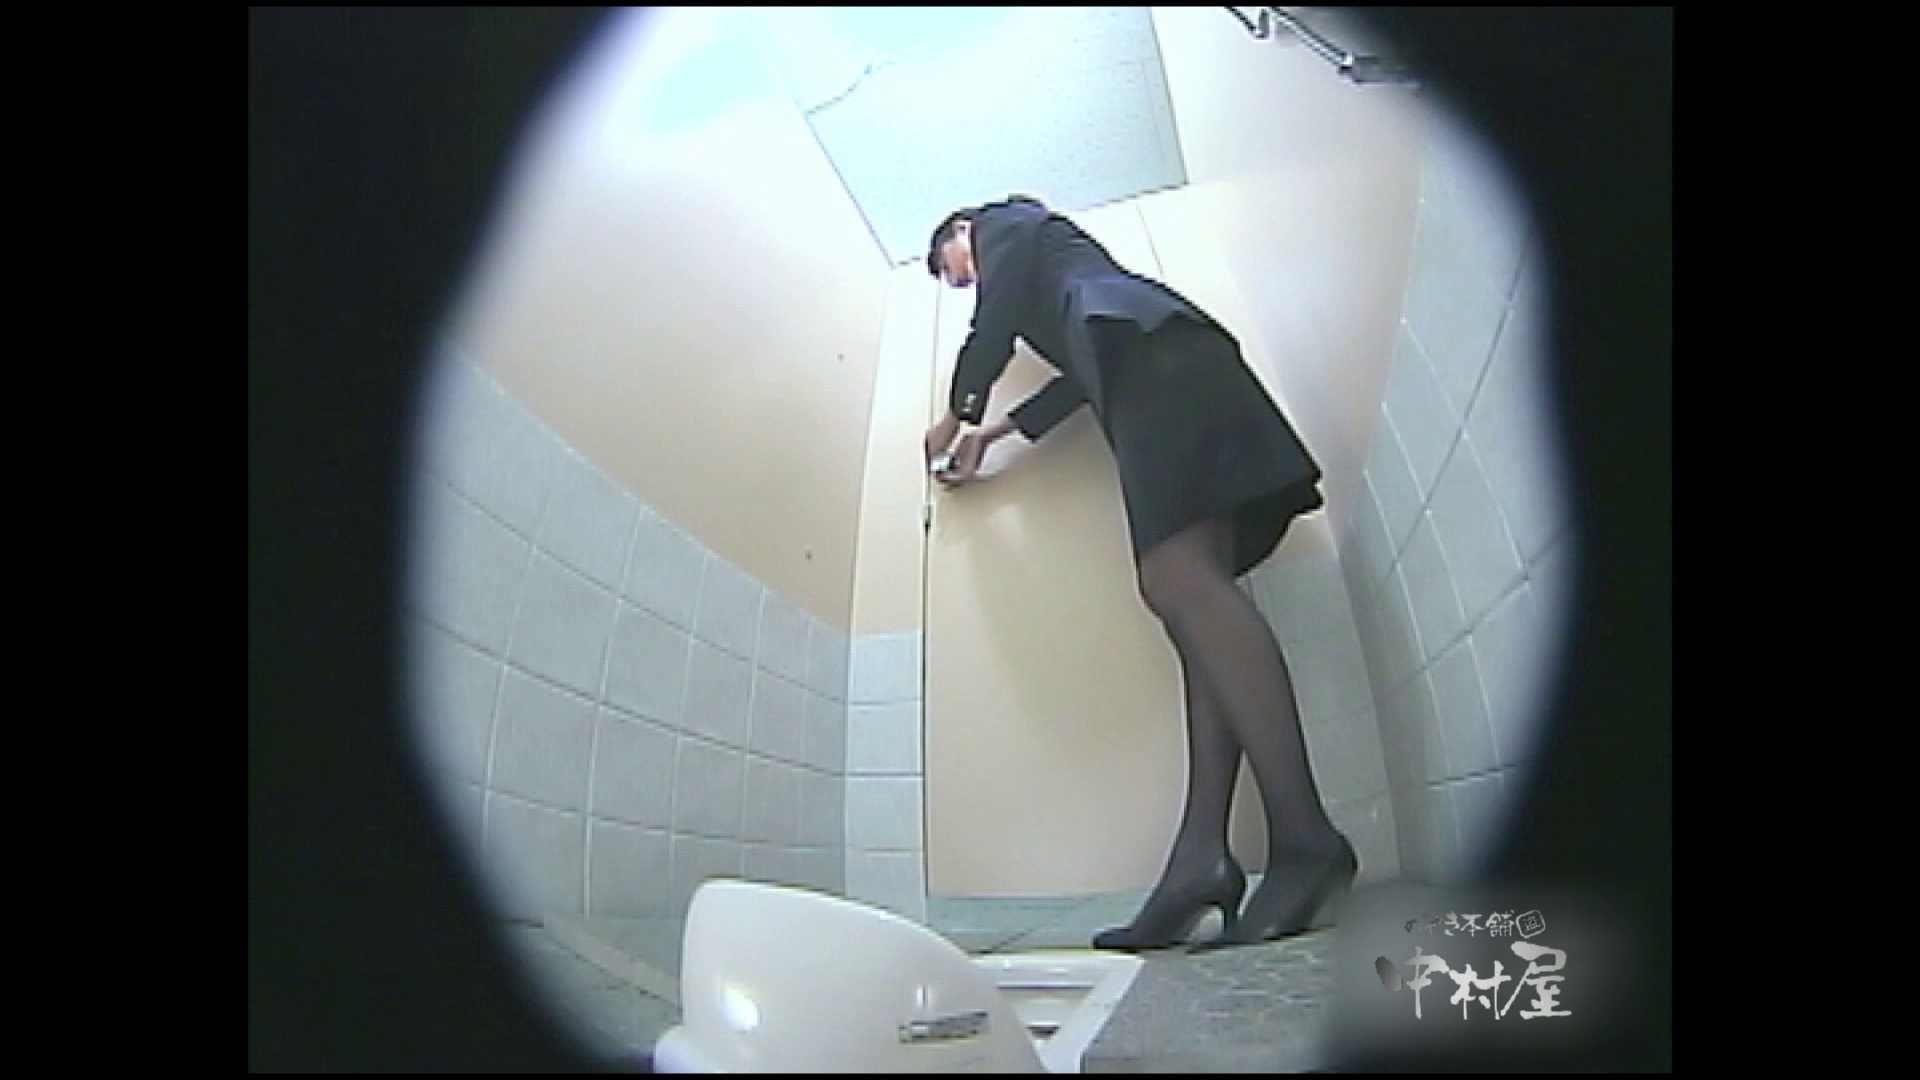 異業種交流会!!キャビンアテンダント編vol.47 マンコ | 便器  88画像 24